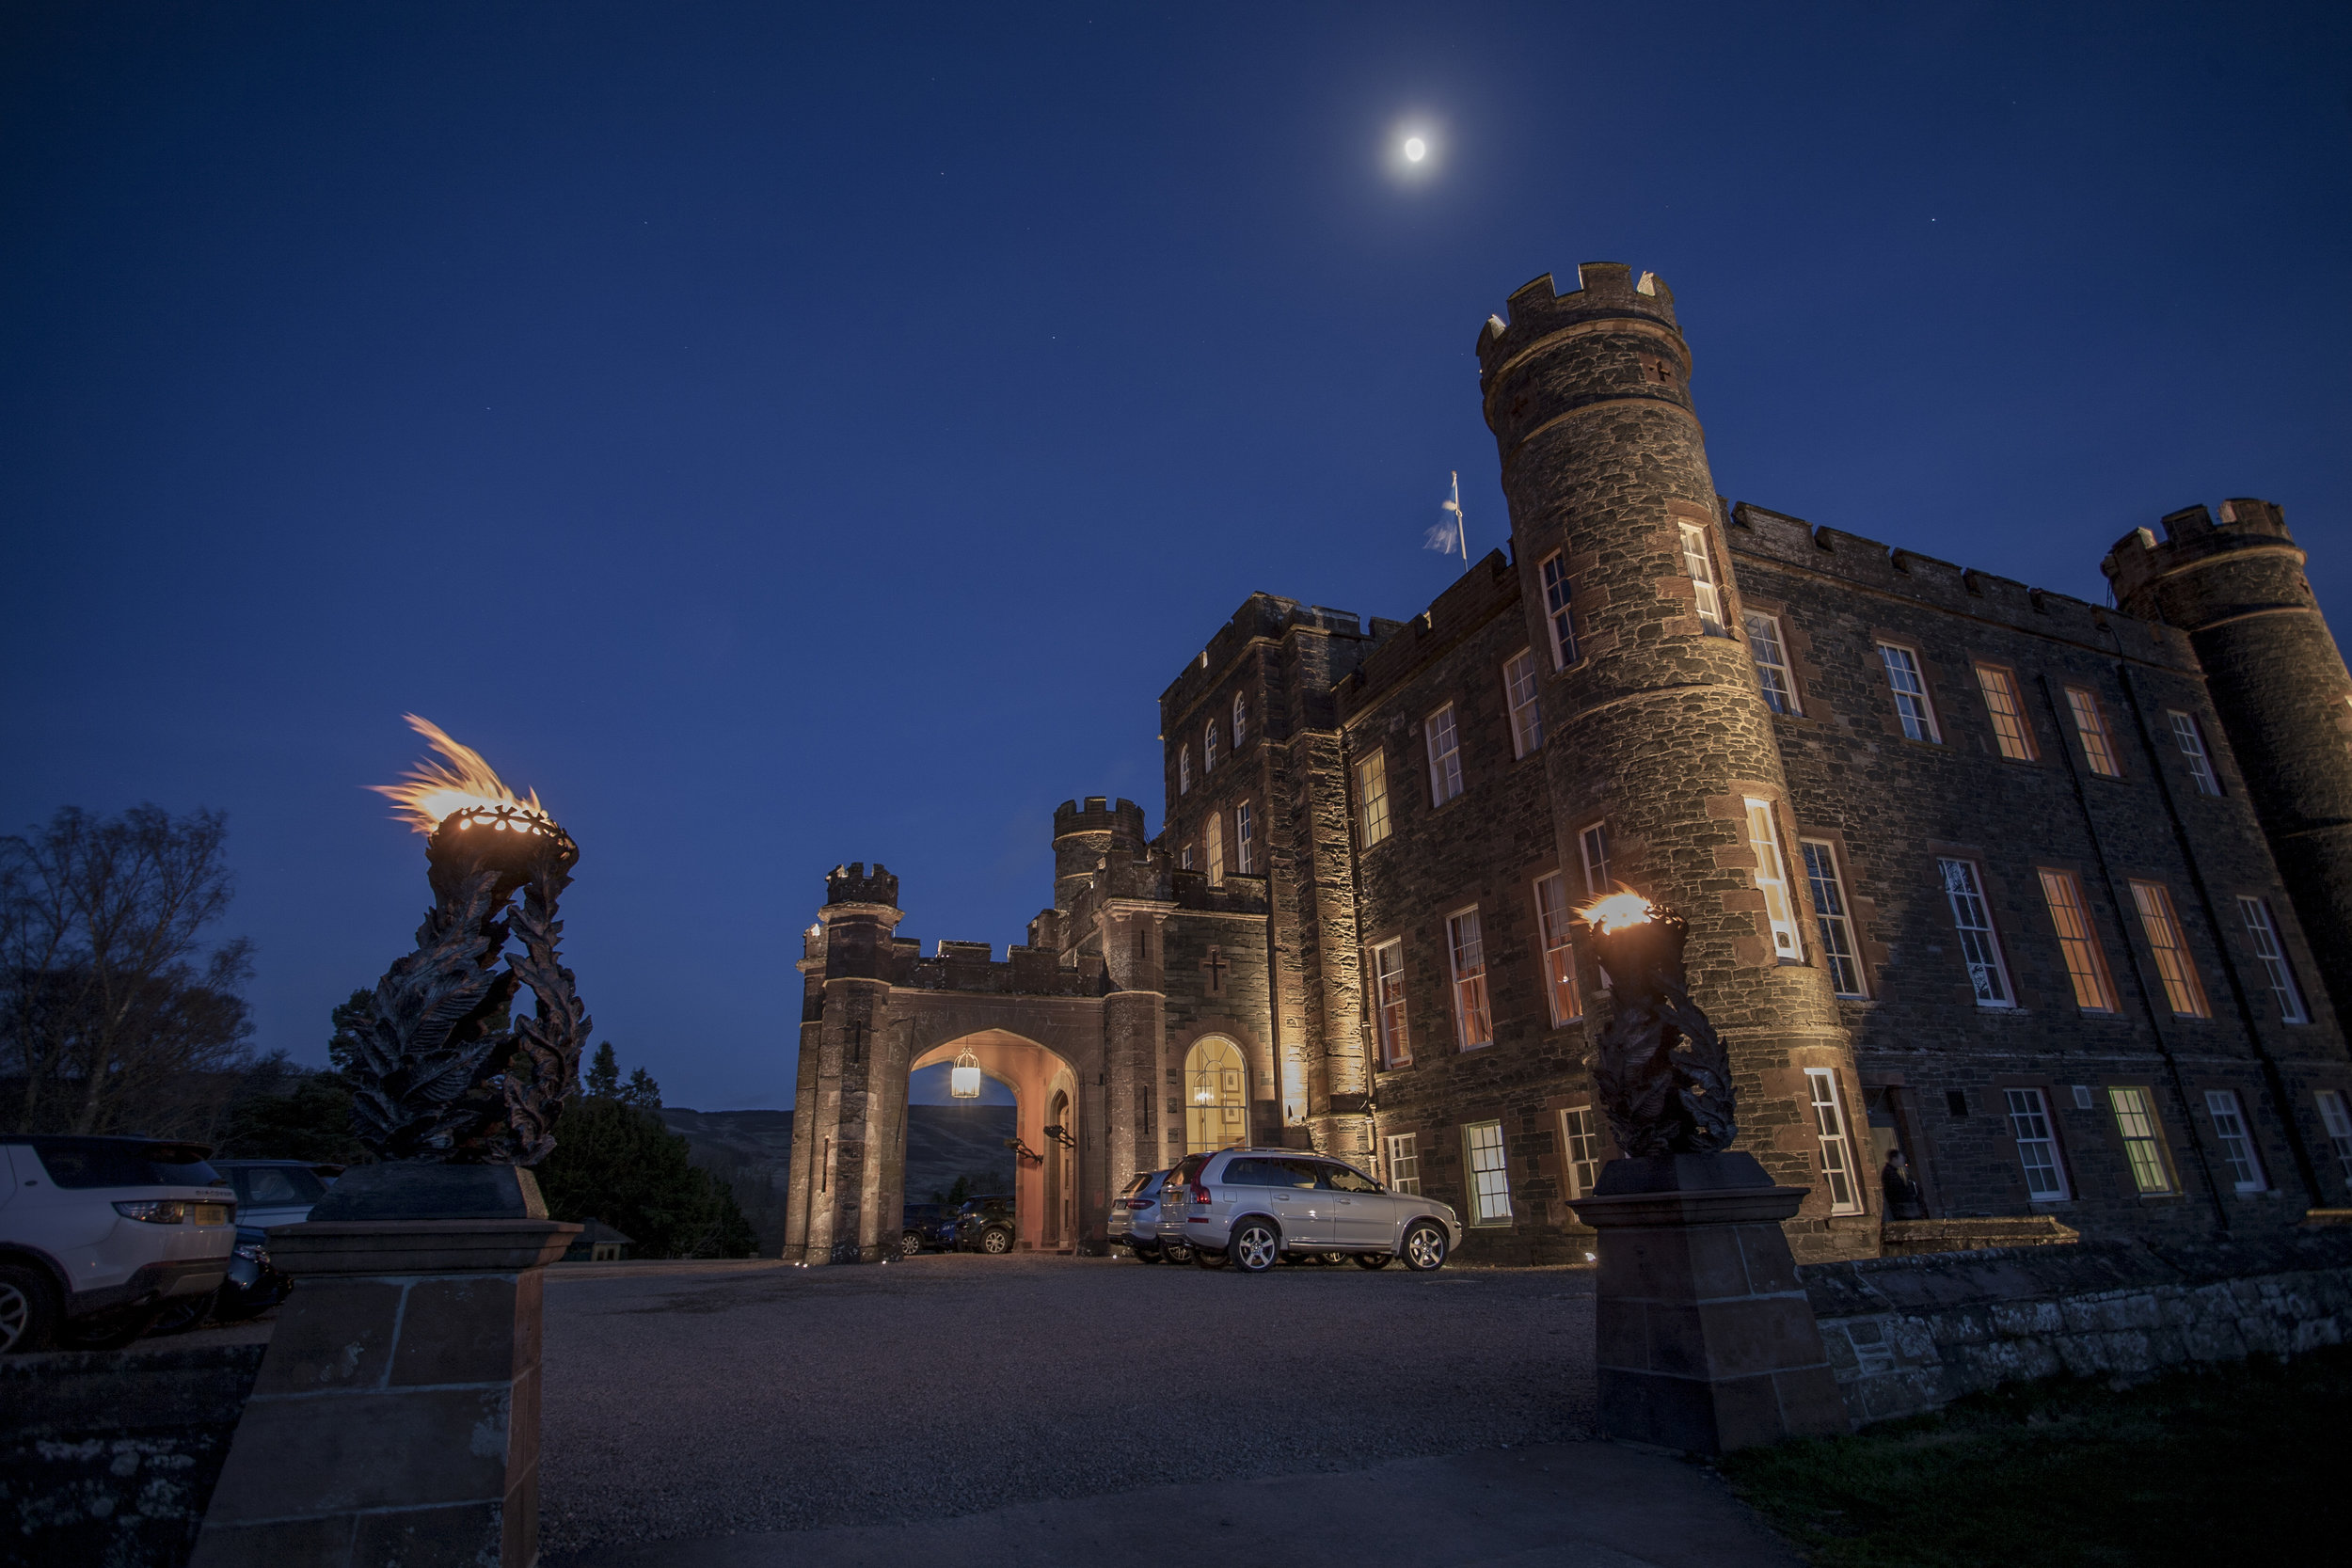 Stobo Castle Hotel & Spa